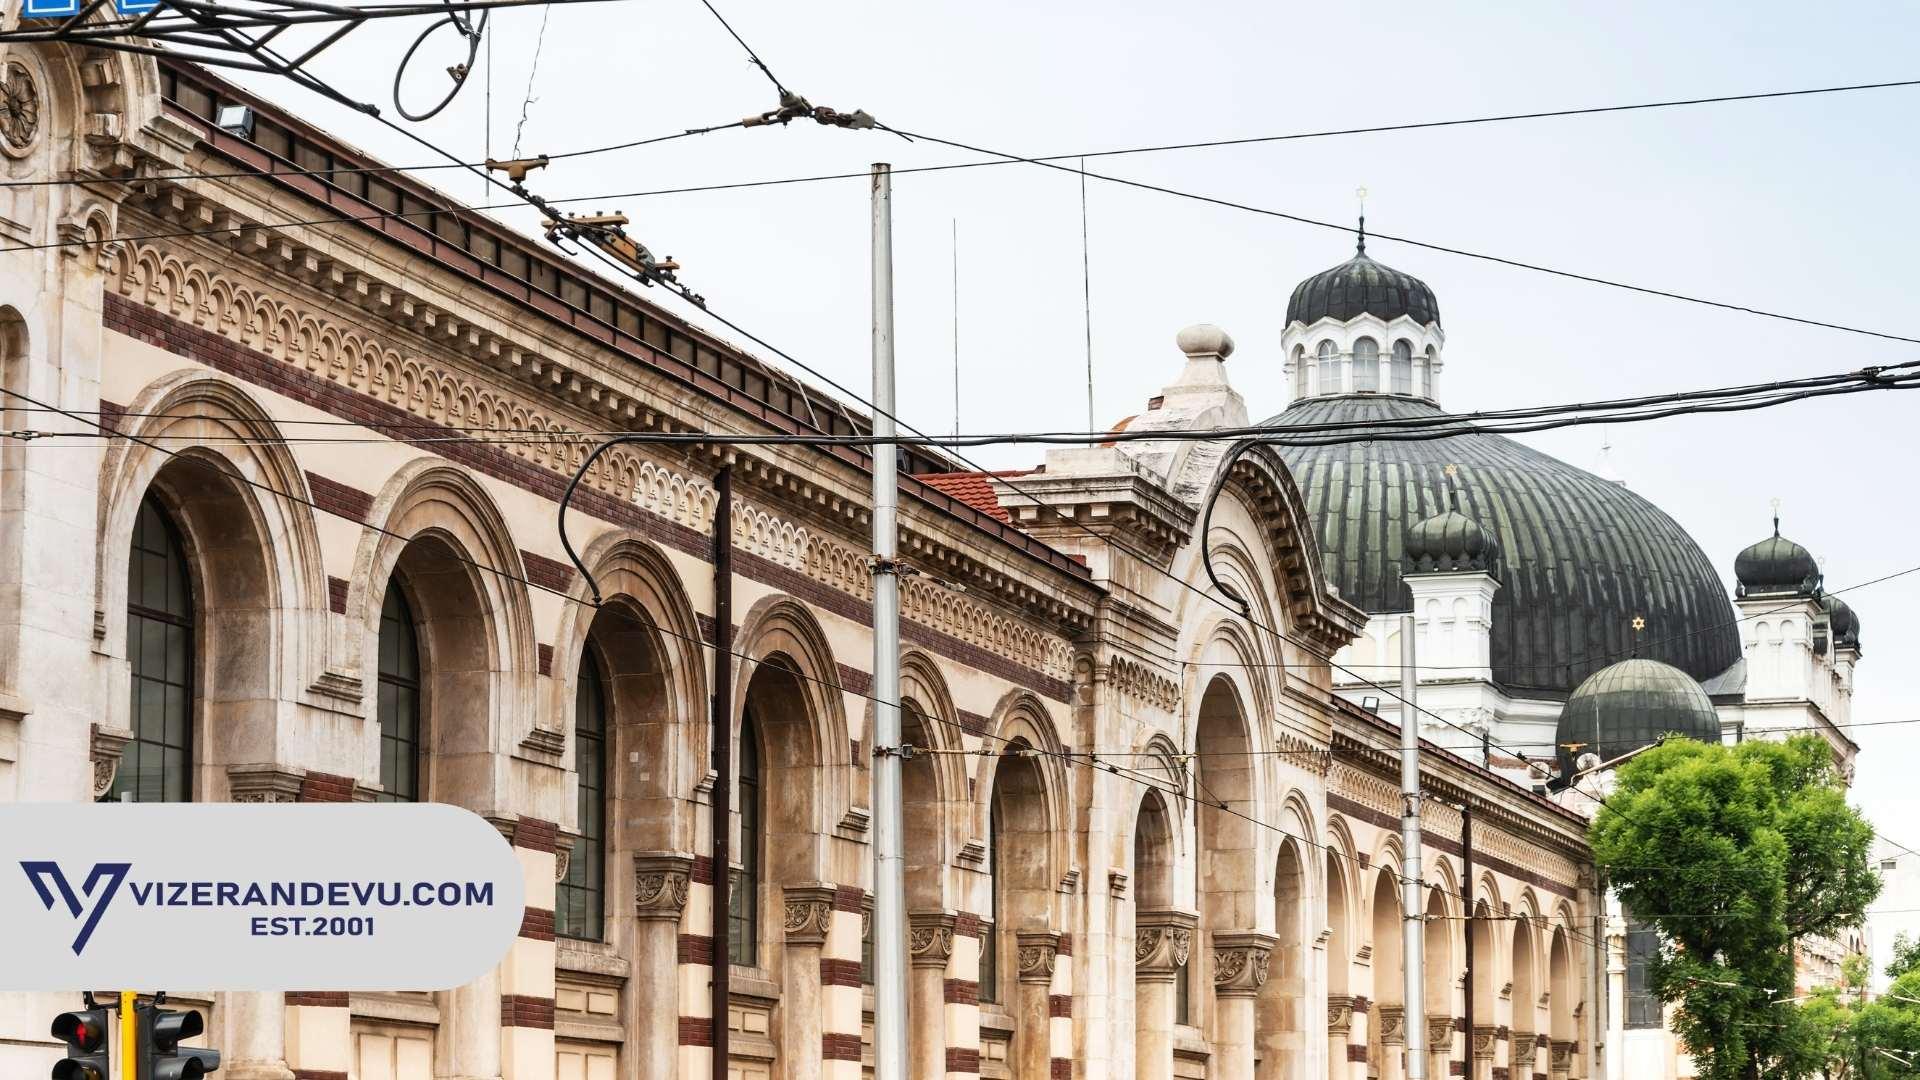 Bulgaristan Vizesine Başvuru Nasıl Yapılır